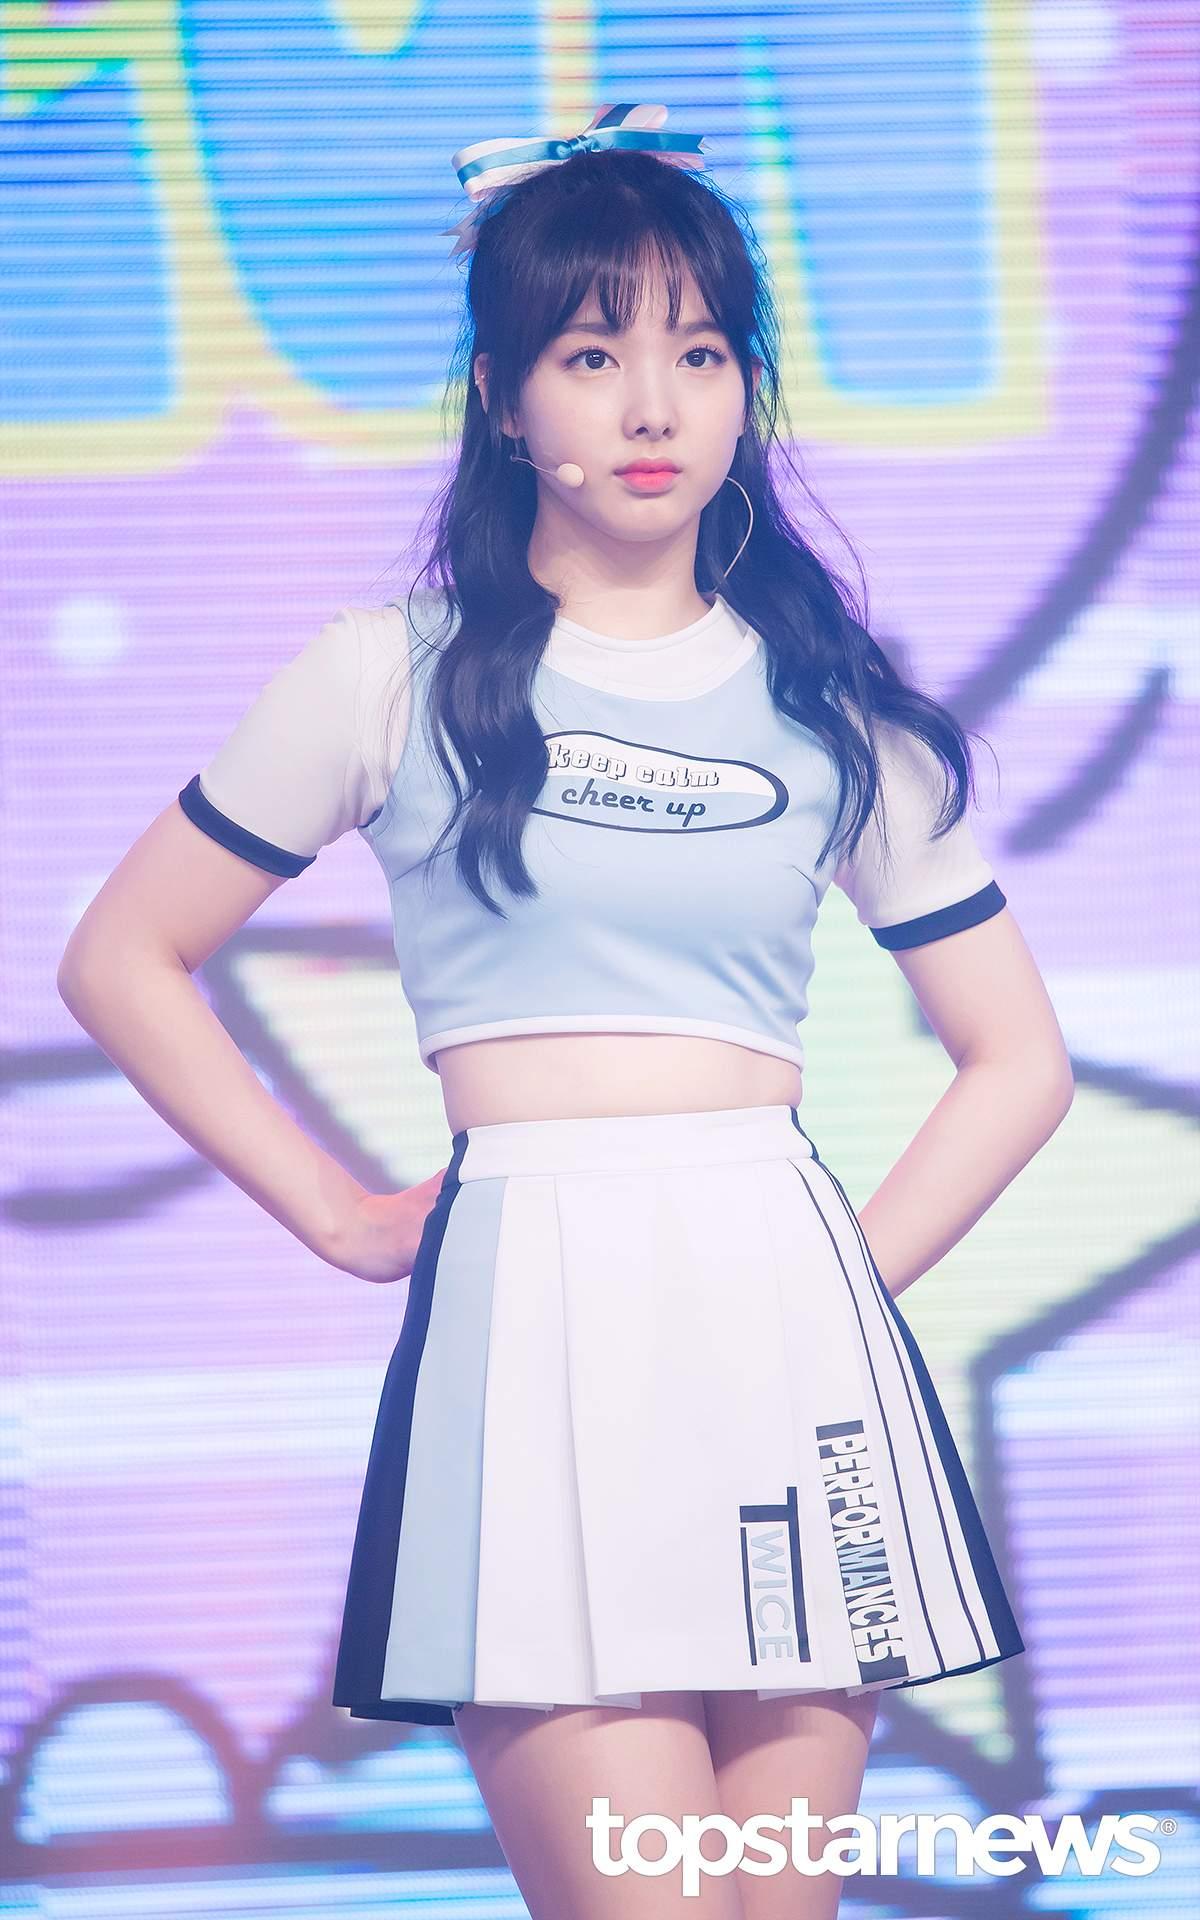 一直以來都以可愛的瀏海造型出現在舞台上的娜璉~~眼尖的粉絲有發現嗎~~ 最近,娜璉似乎換了新髮型囉~~